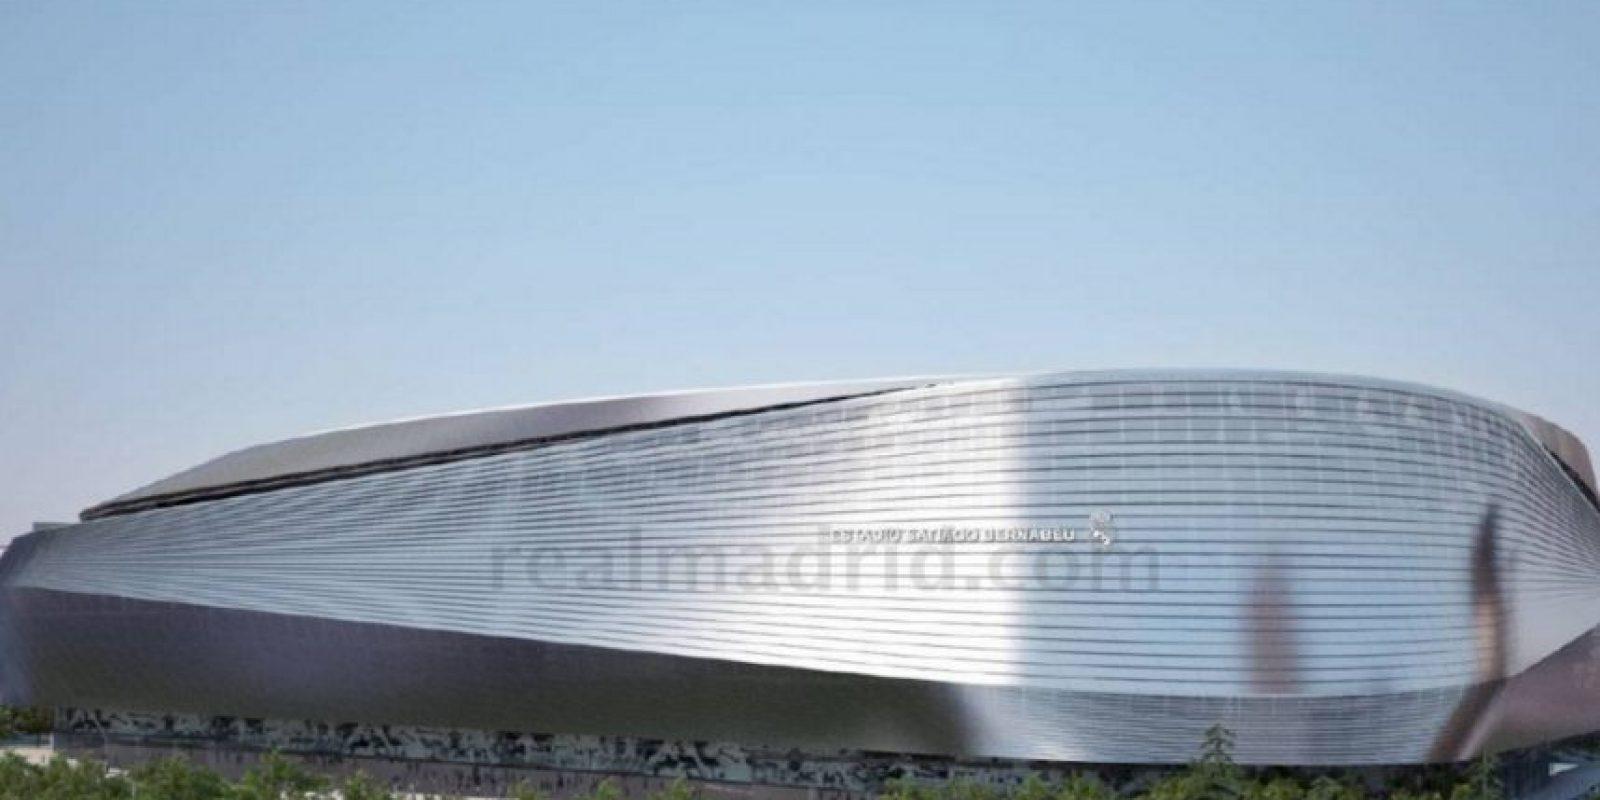 """Con la remodelación, el estadio podría ceder el """"segundo apellido"""" a la gran empresa inversora. Foto:Sitio web Real Madrid"""